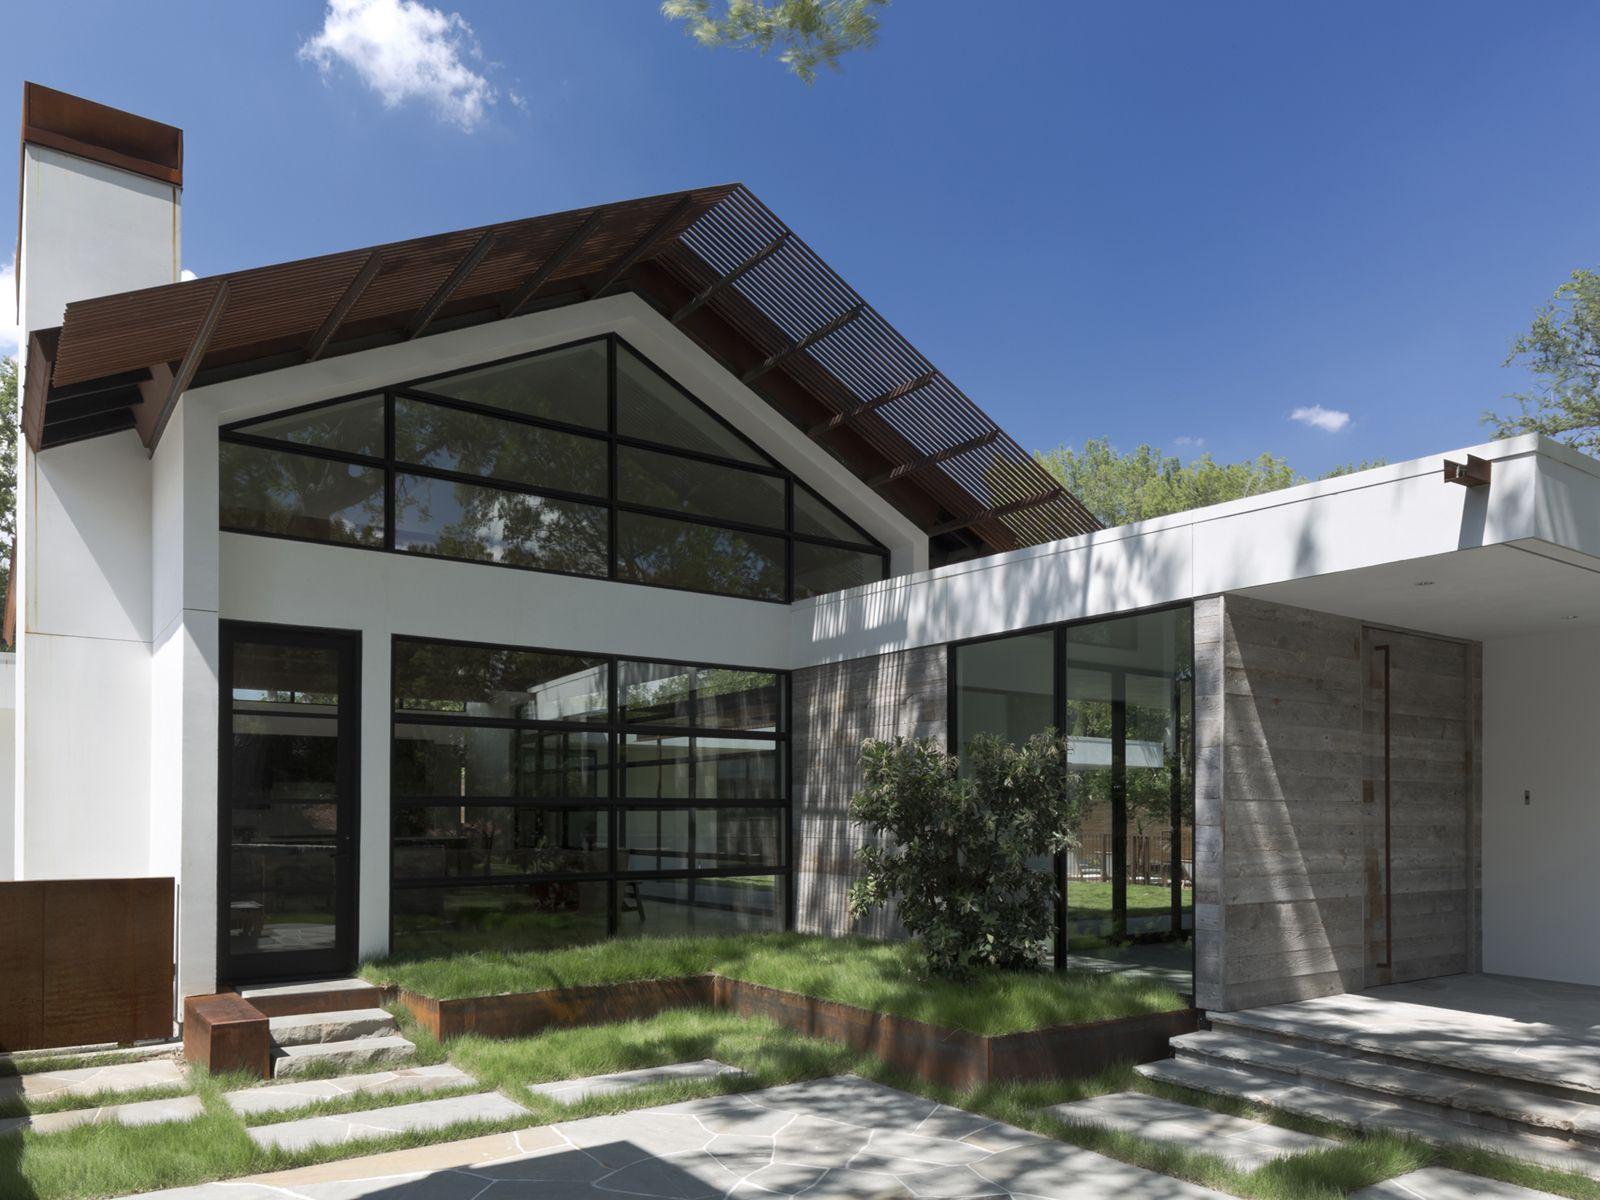 Casa de un piso con cuatro dormitorios construye hogar - Casas modernas una planta ...